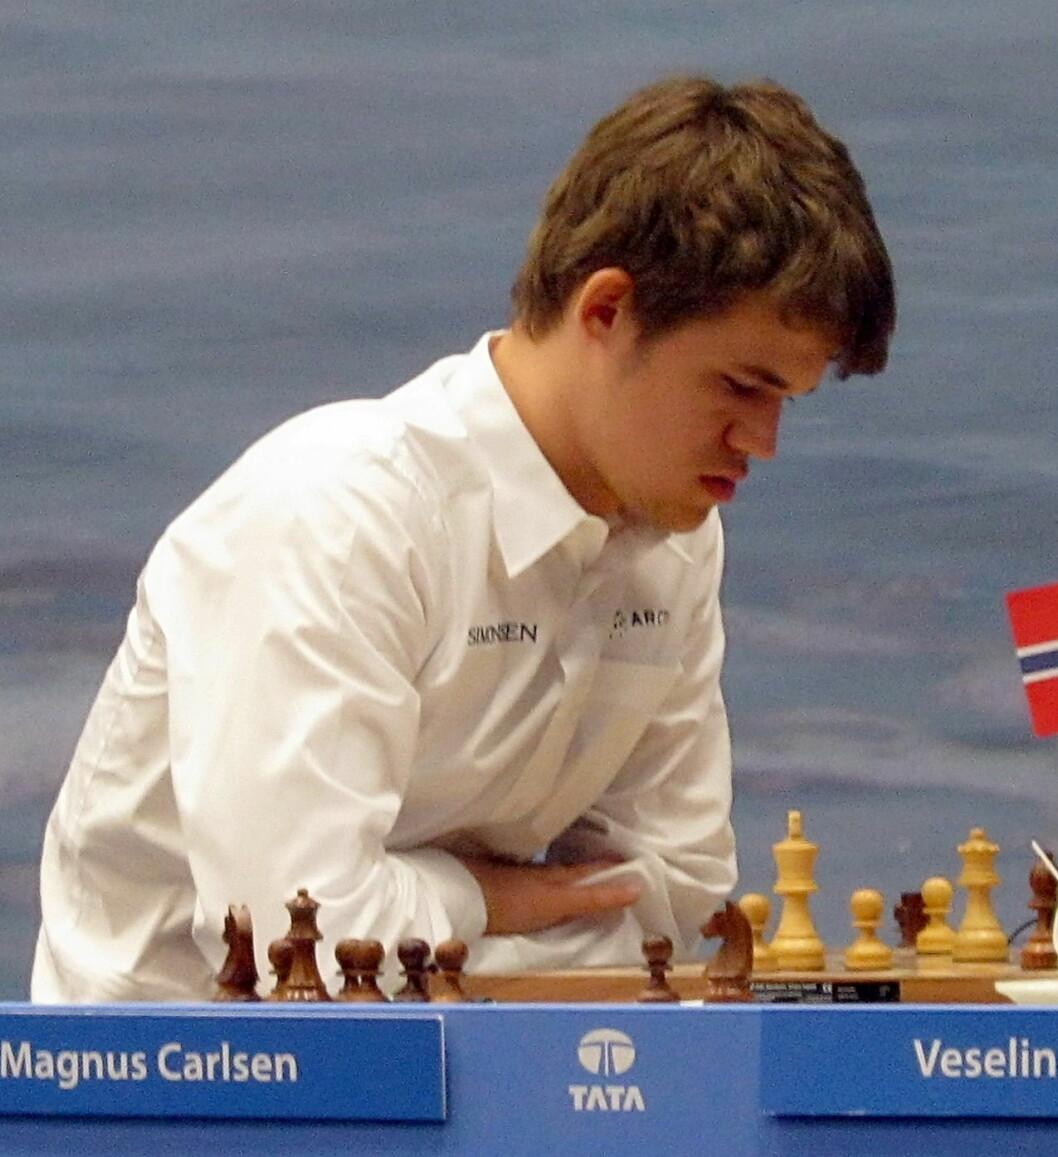 Verdensener Magnus Carlsen spiller for Vålerenga sjakklubb. Han gir alt for klubben og setter sin førsteplass på verdensrankingen på spill i siste og avgjørende kamp i Europacupen i Hellas. Her fra en tidligere turnering. Foto: Stefan64